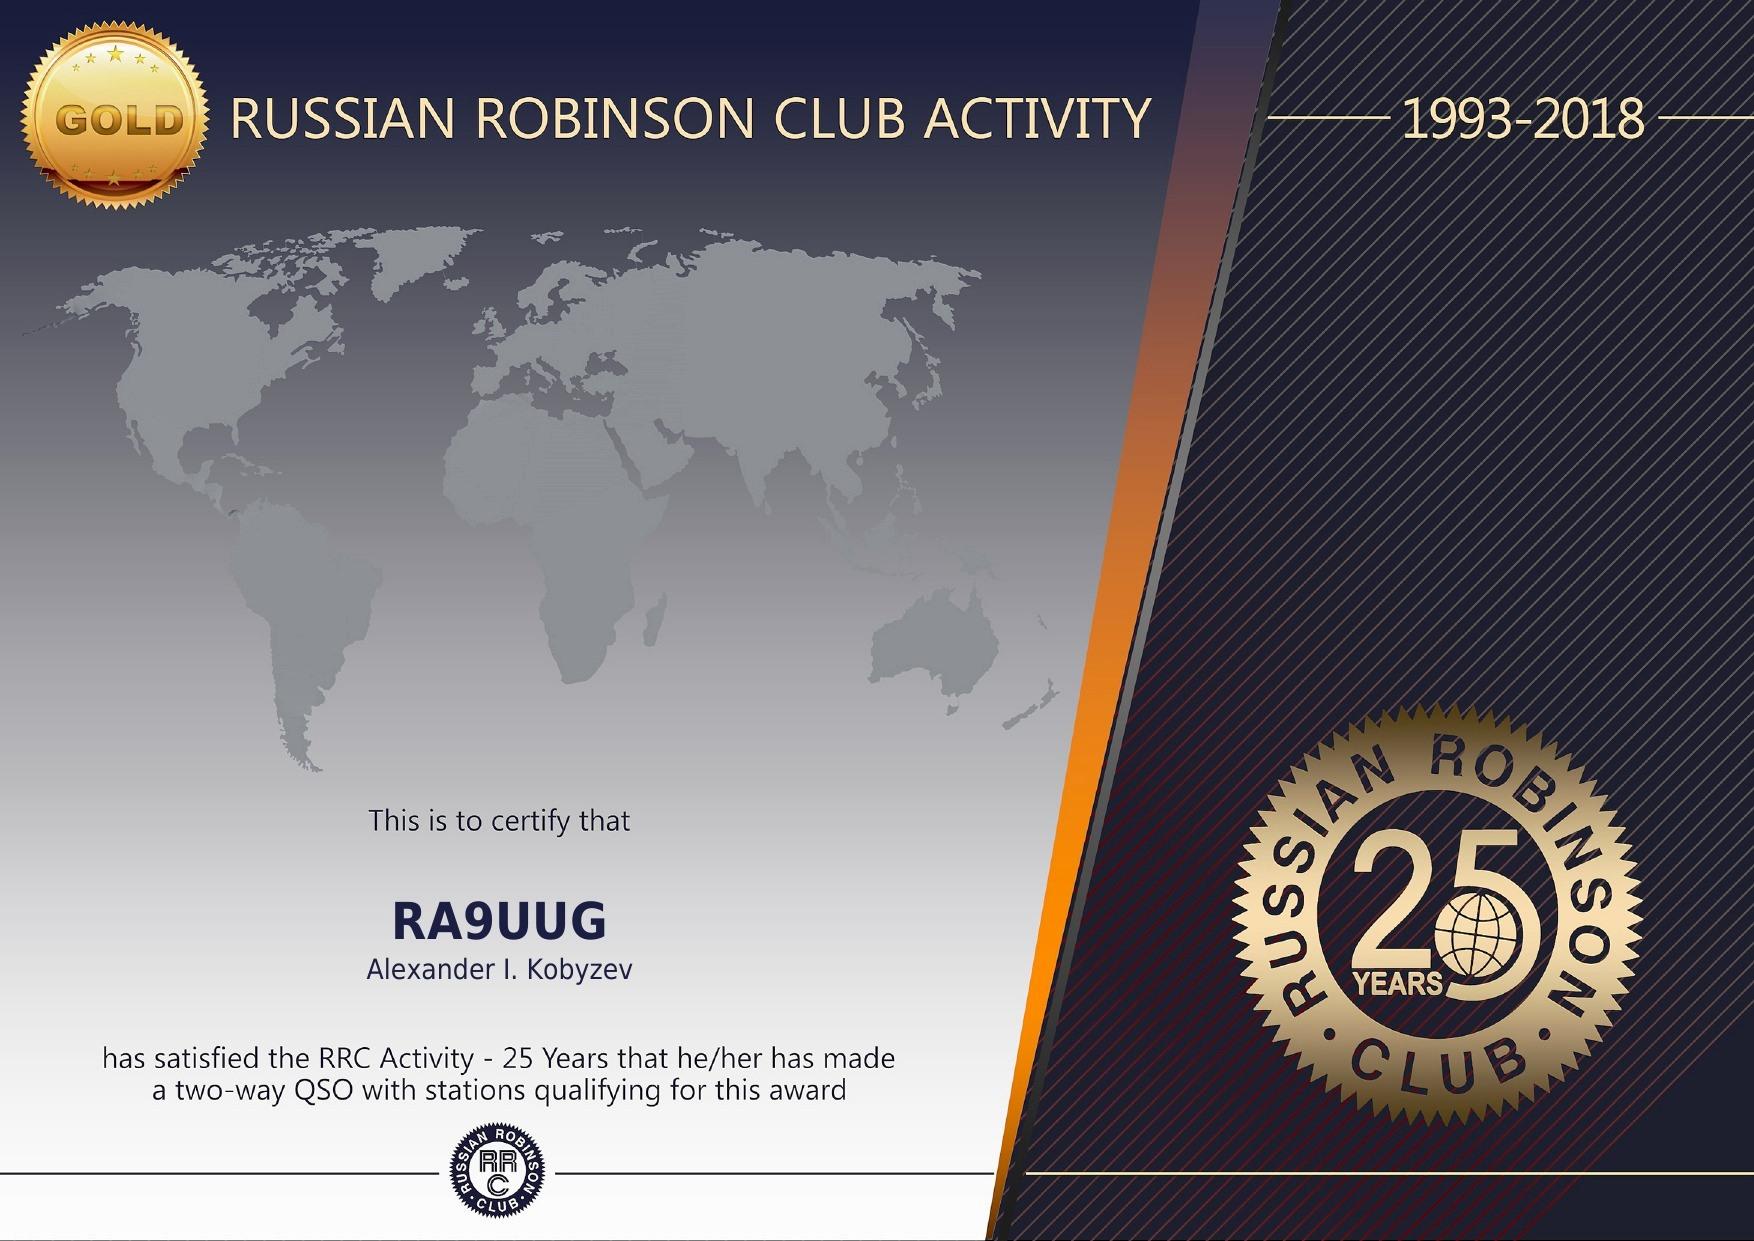 Нажмите на изображение для увеличения.  Название:RRC Activity 25 Gold.jpg Просмотров:6 Размер:423.1 Кб ID:217648